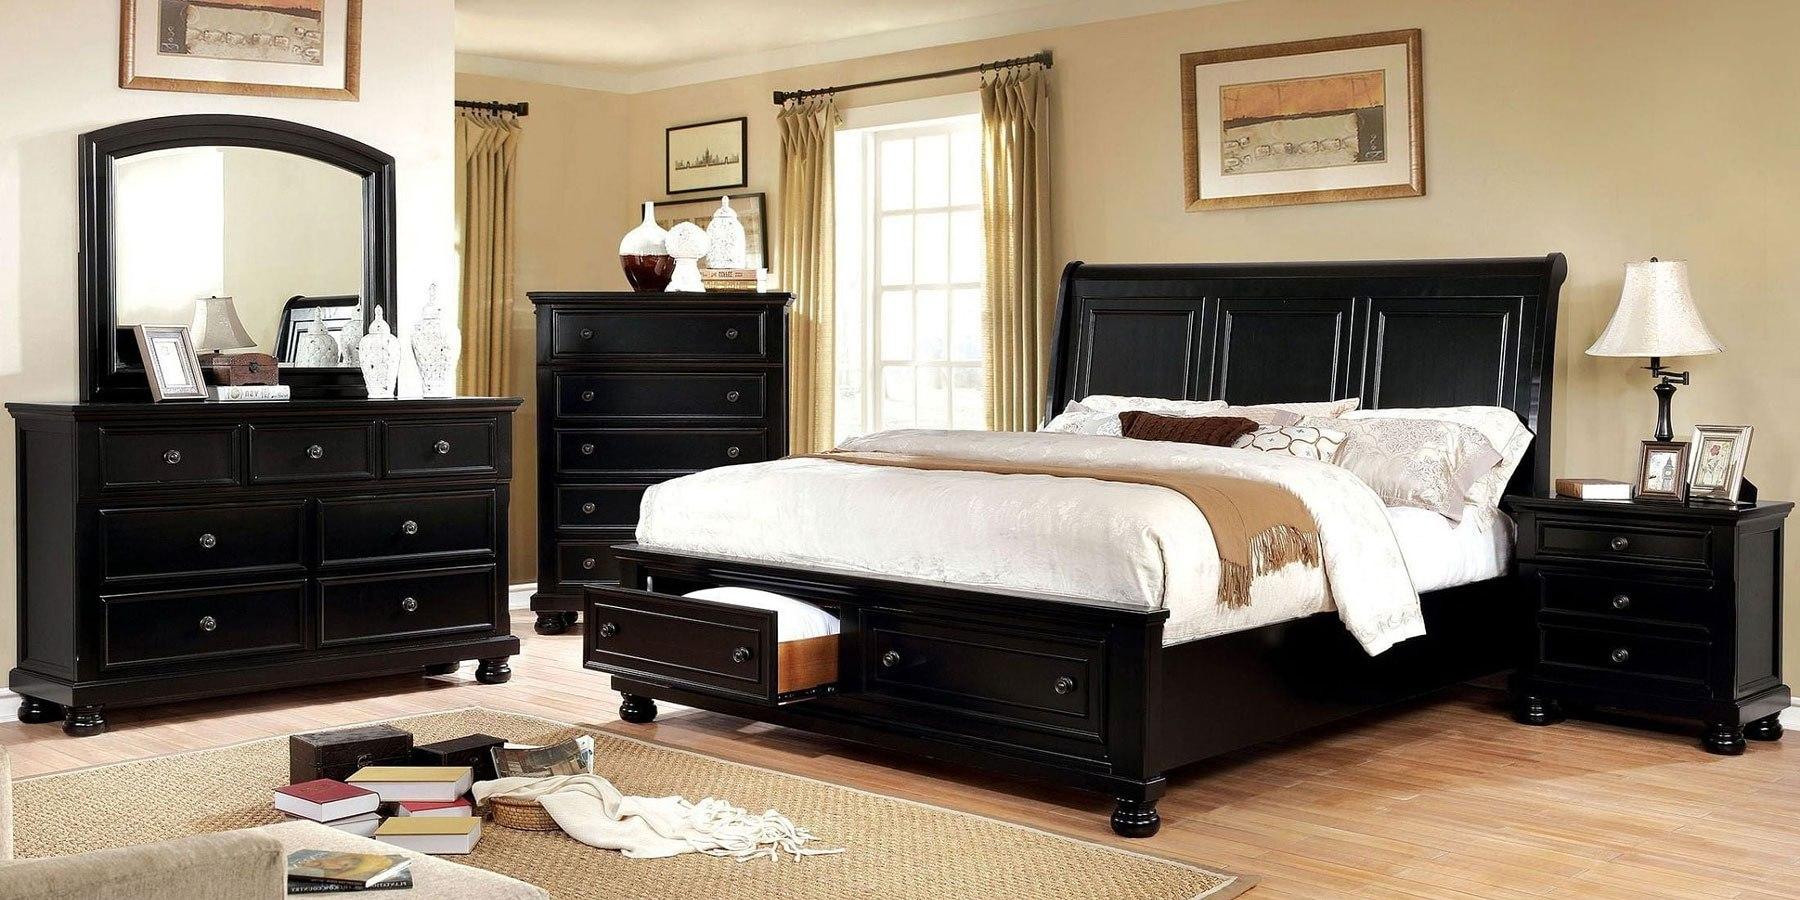 Castor Storage Bedroom Set (Black) by Furniture of America ...